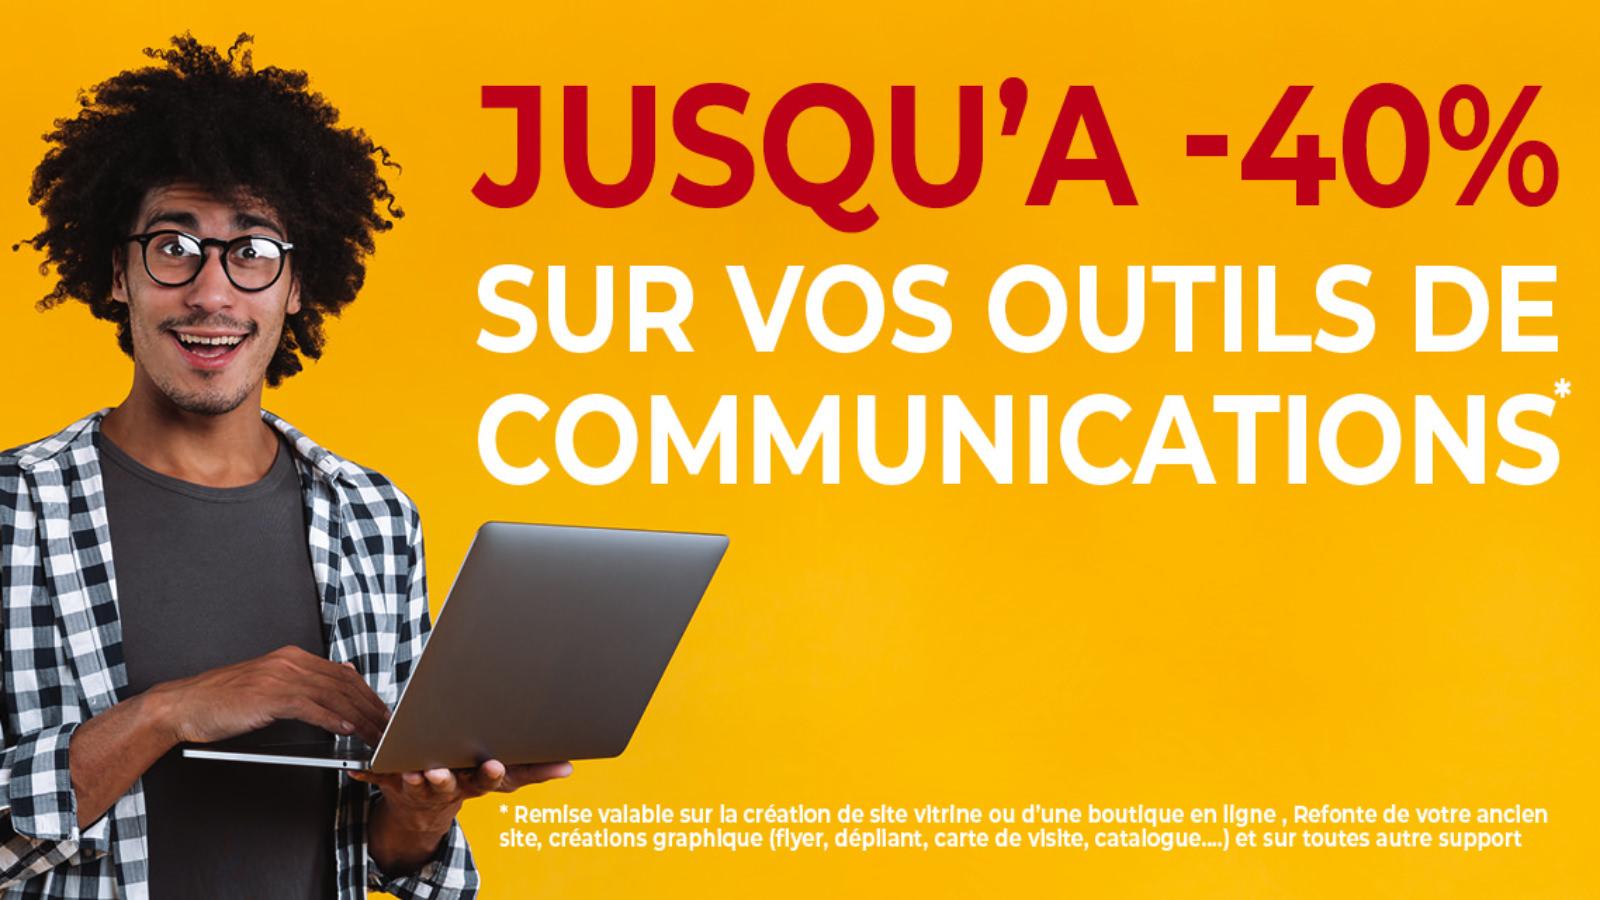 Jusqu'a 40 sur vos outils de communications